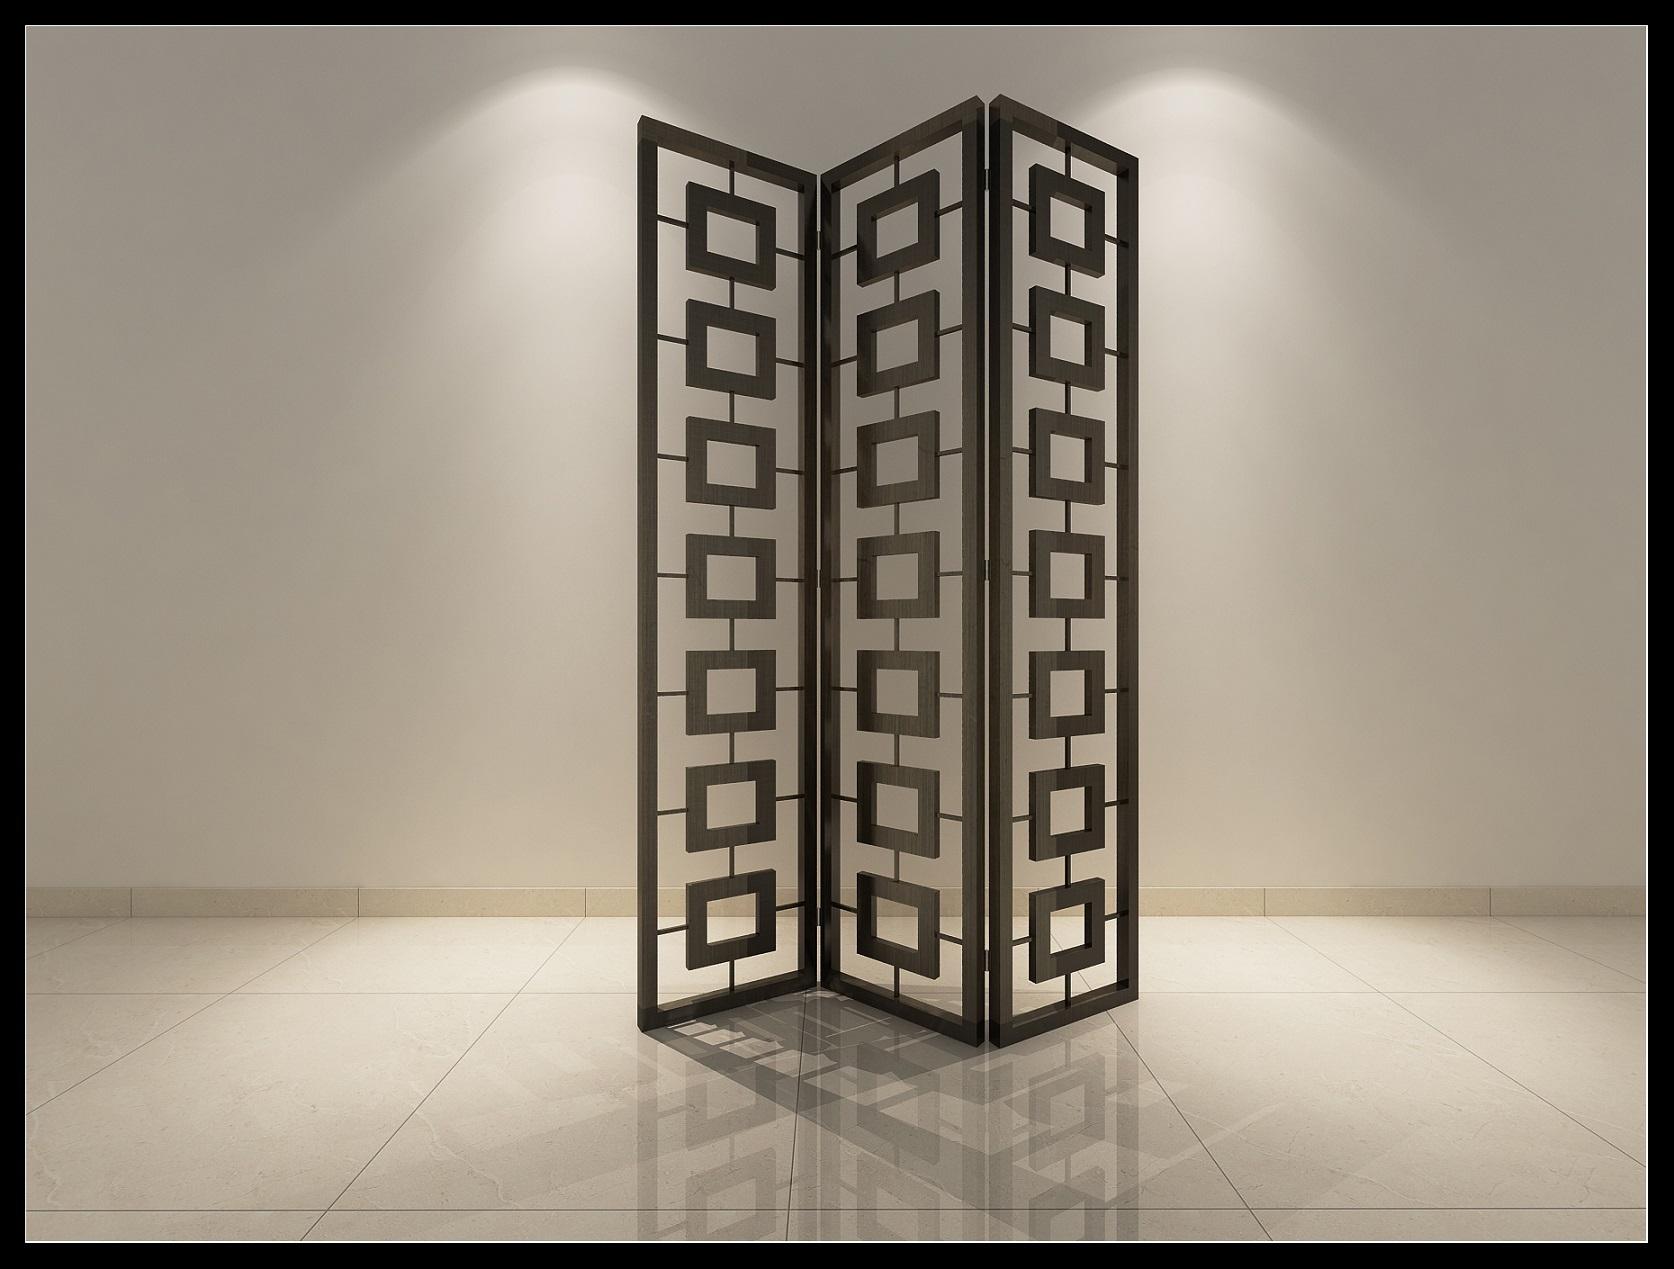 现代屏风作为室内陈设在现代室内设计中占据着重要的